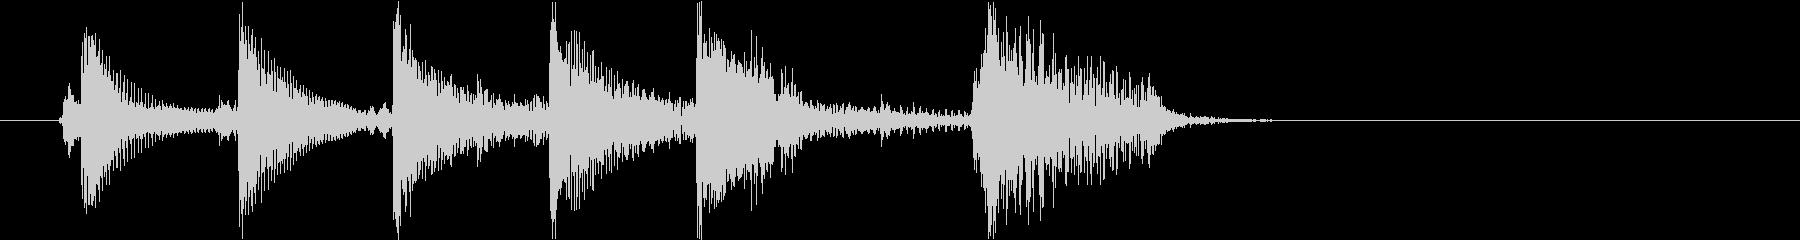 生音 三味線 ショートフレーズ5の未再生の波形